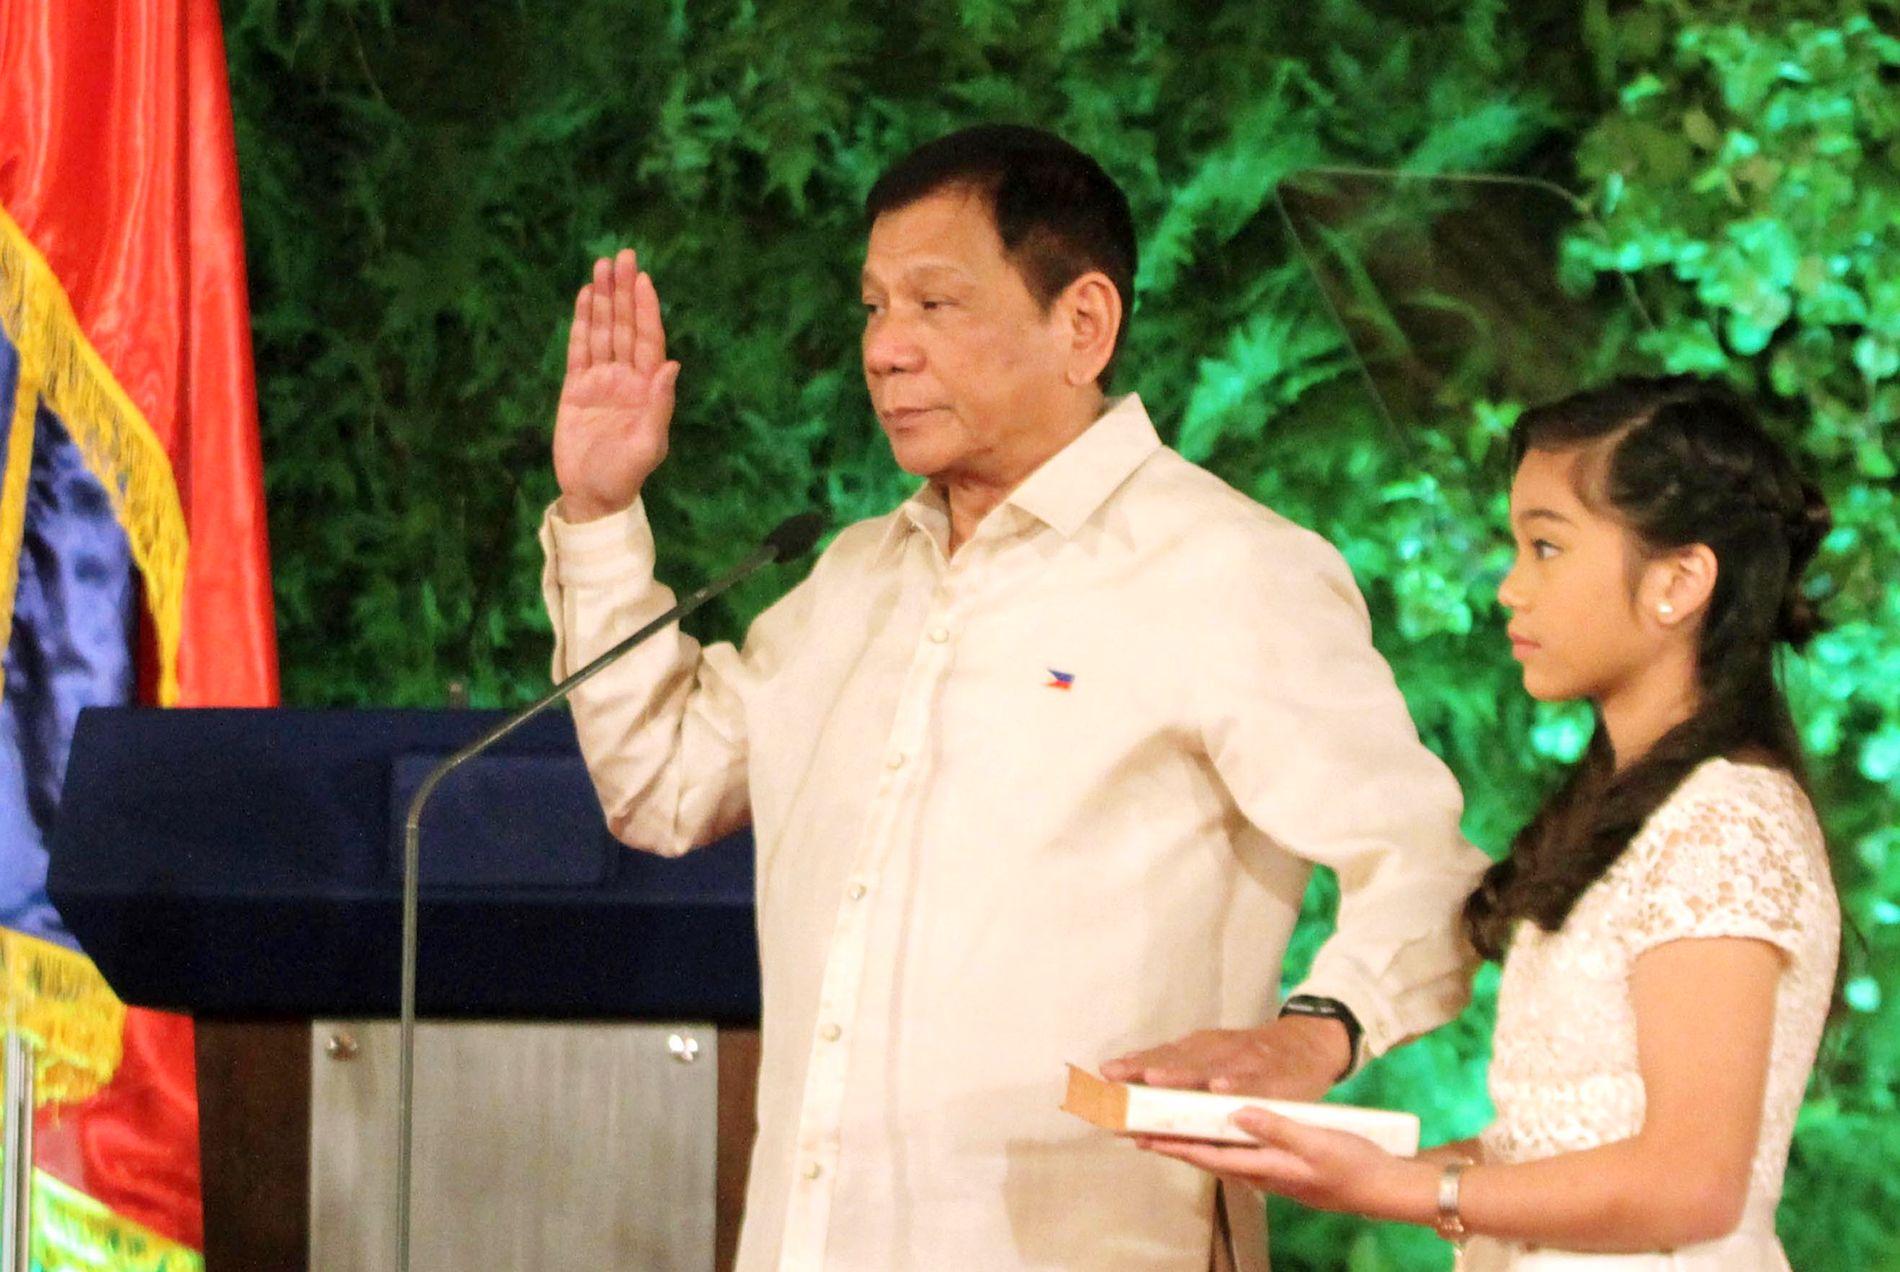 SVERGER ED-ER OG GALLE: Rodrigo Duterte blir tatt i ed som Filippinenes president for de neste seks årene. Ifølge ham selv, vil det bli seks år med knallhard kamp mot kriminelle.